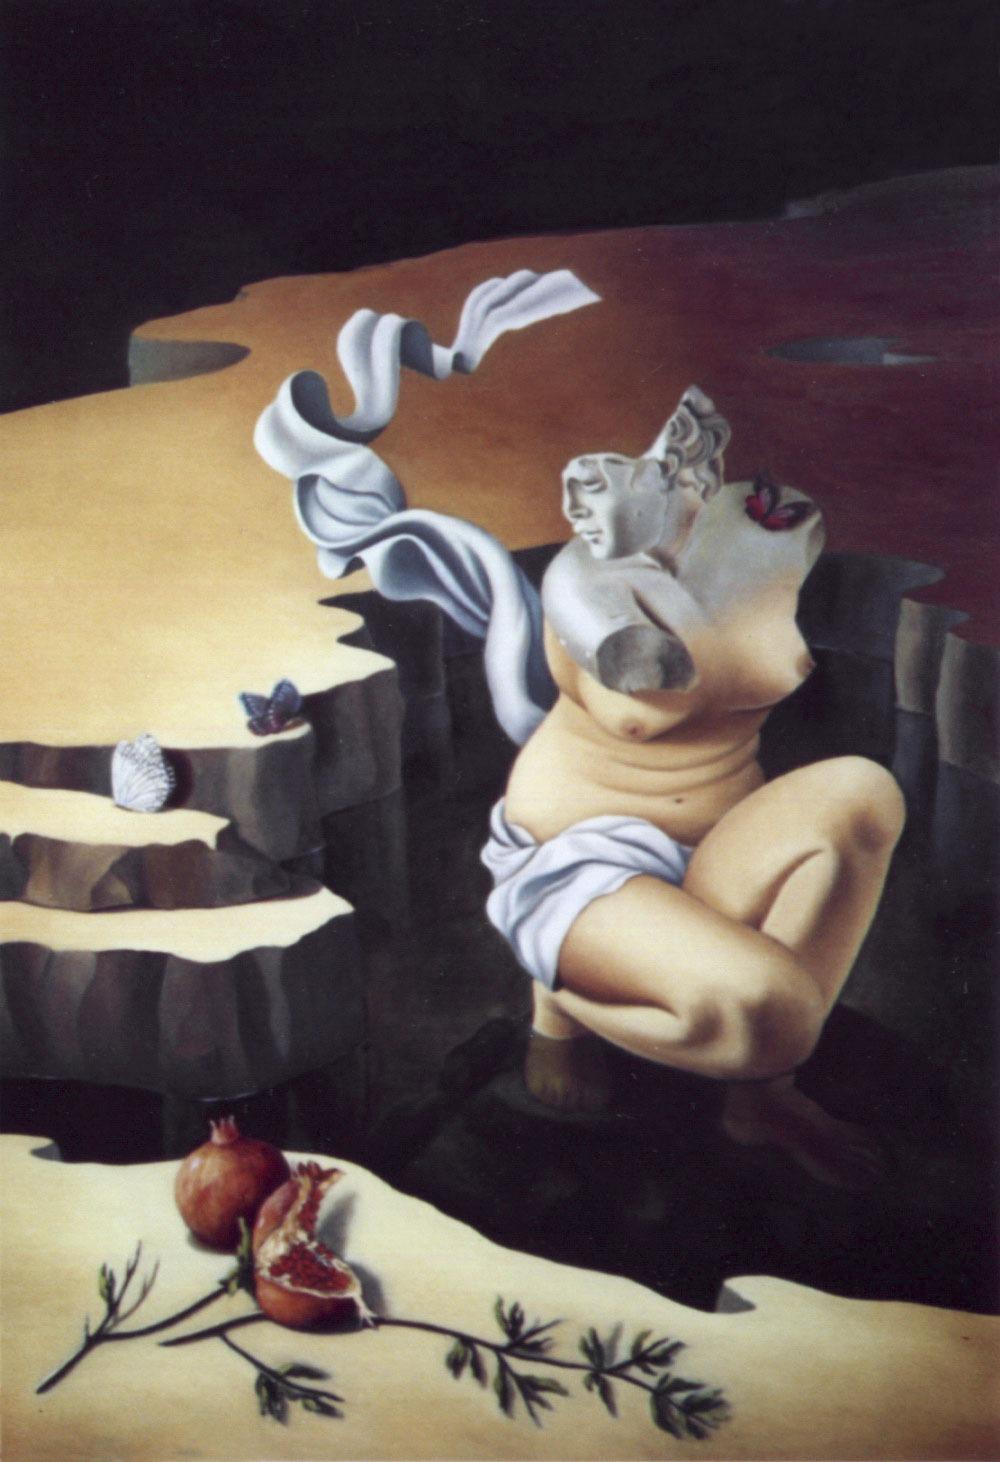 2007 roberta rossi - Il bagno di Afrodite - olio su tela - 100 x 70